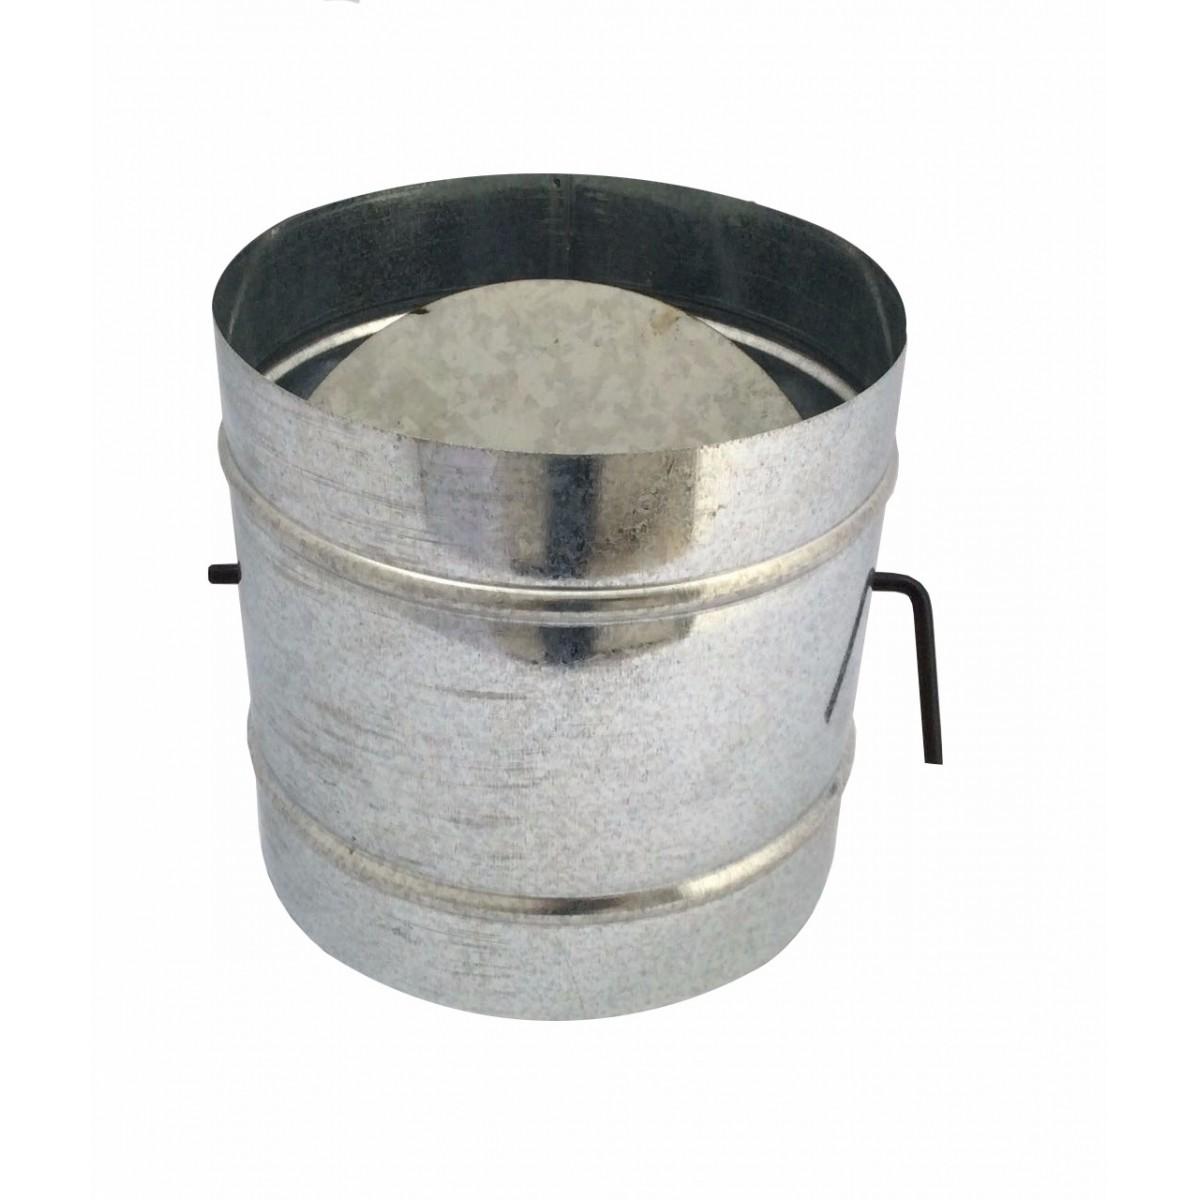 Registro / dumper galvanizado para chaminé de 130 mm de diâmetro  - Galvocalhas